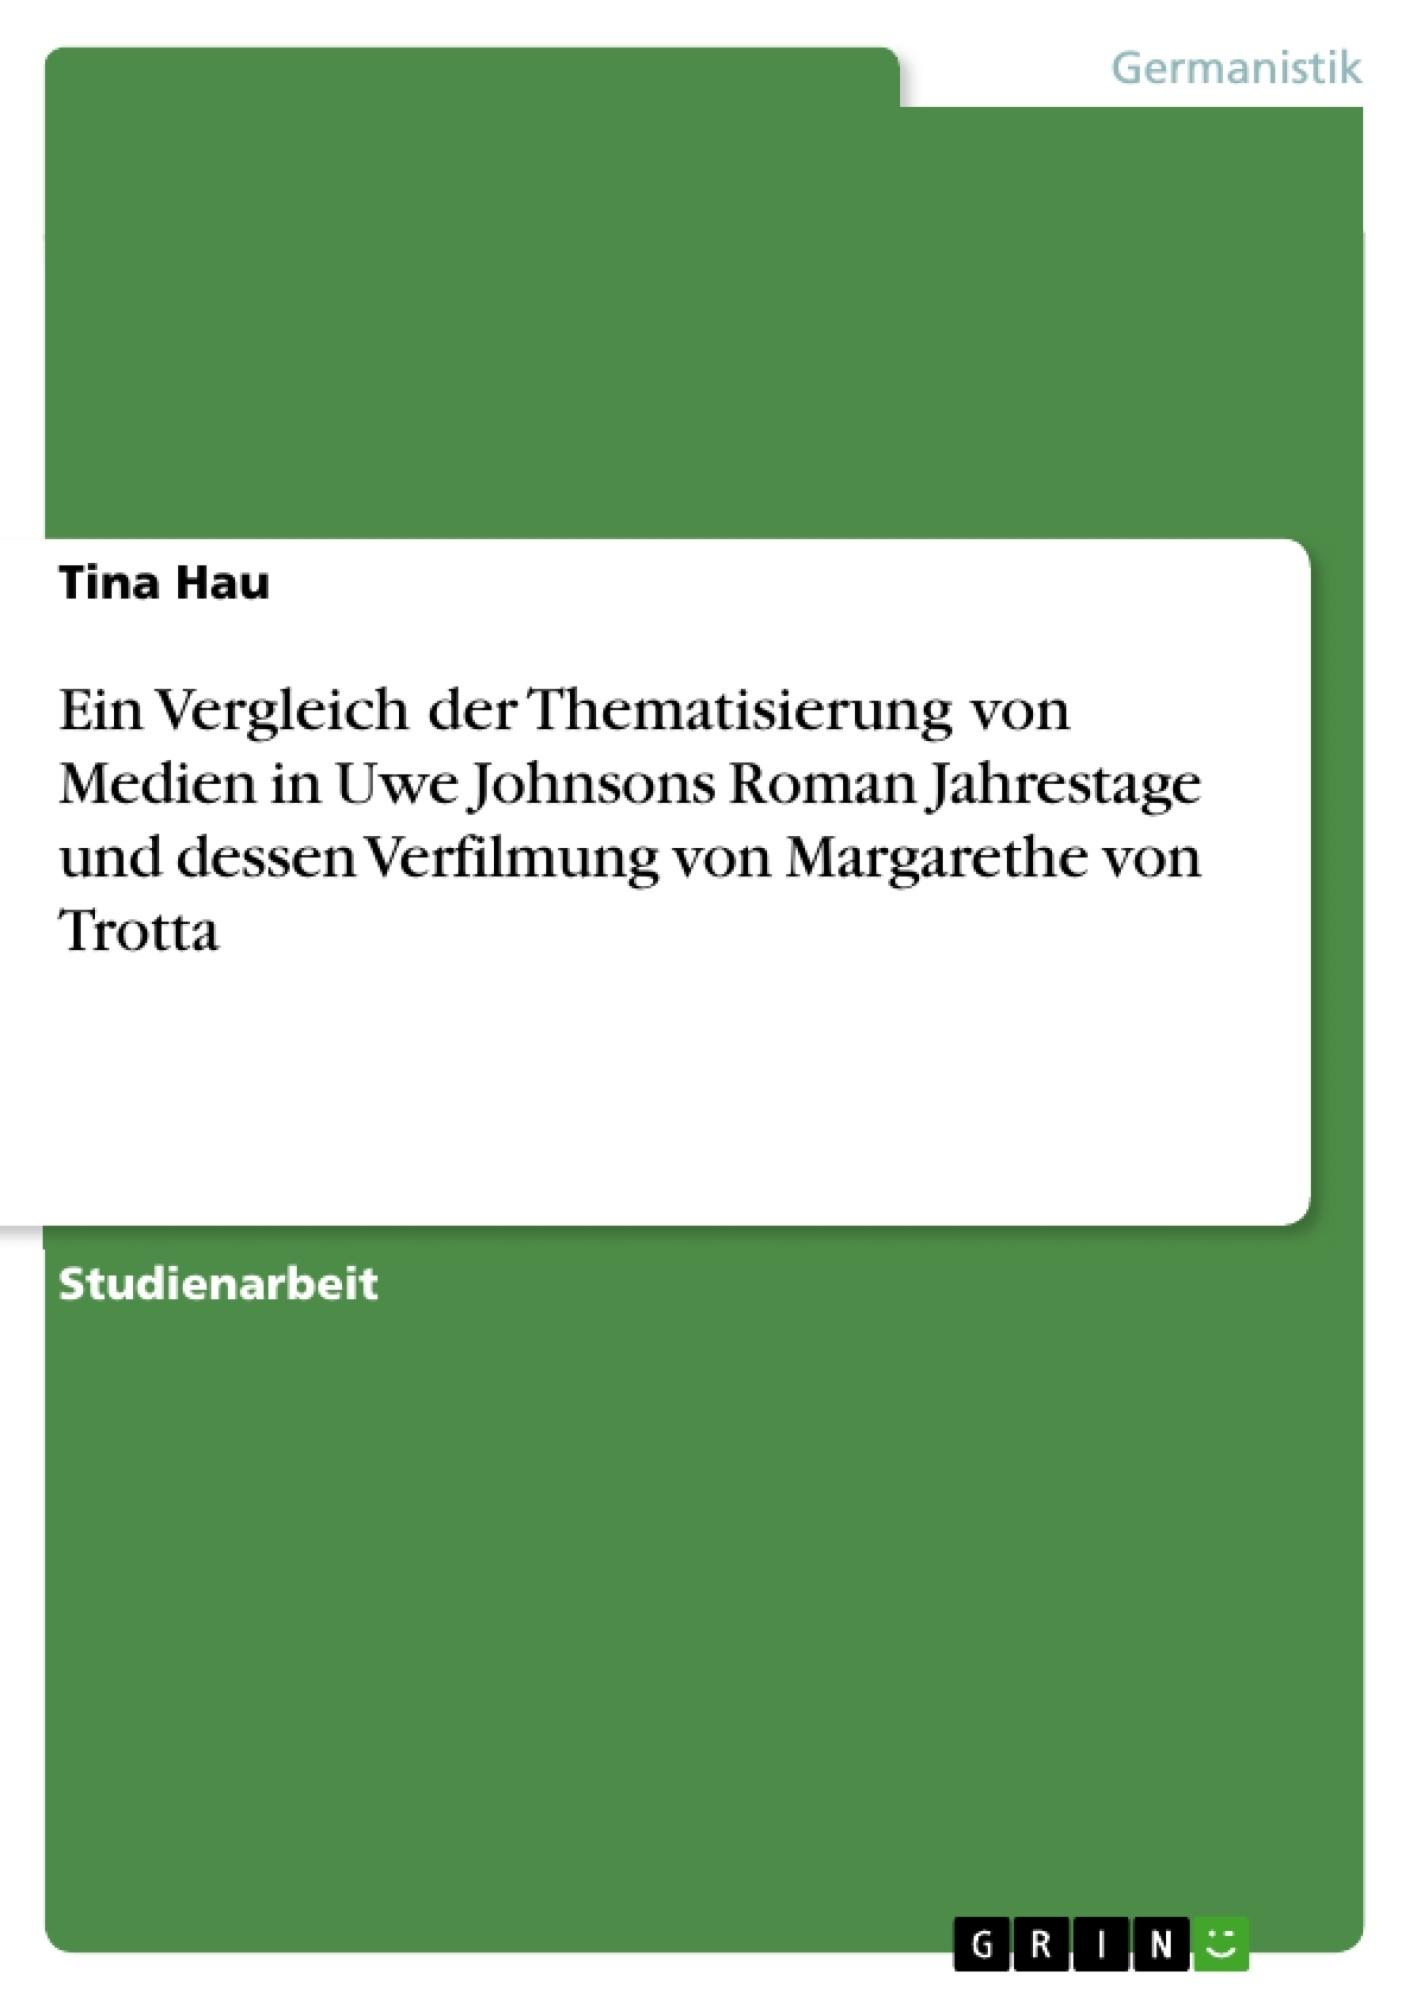 Titel: Ein Vergleich der Thematisierung von Medien in Uwe Johnsons Roman  Jahrestage  und dessen Verfilmung von Margarethe von Trotta